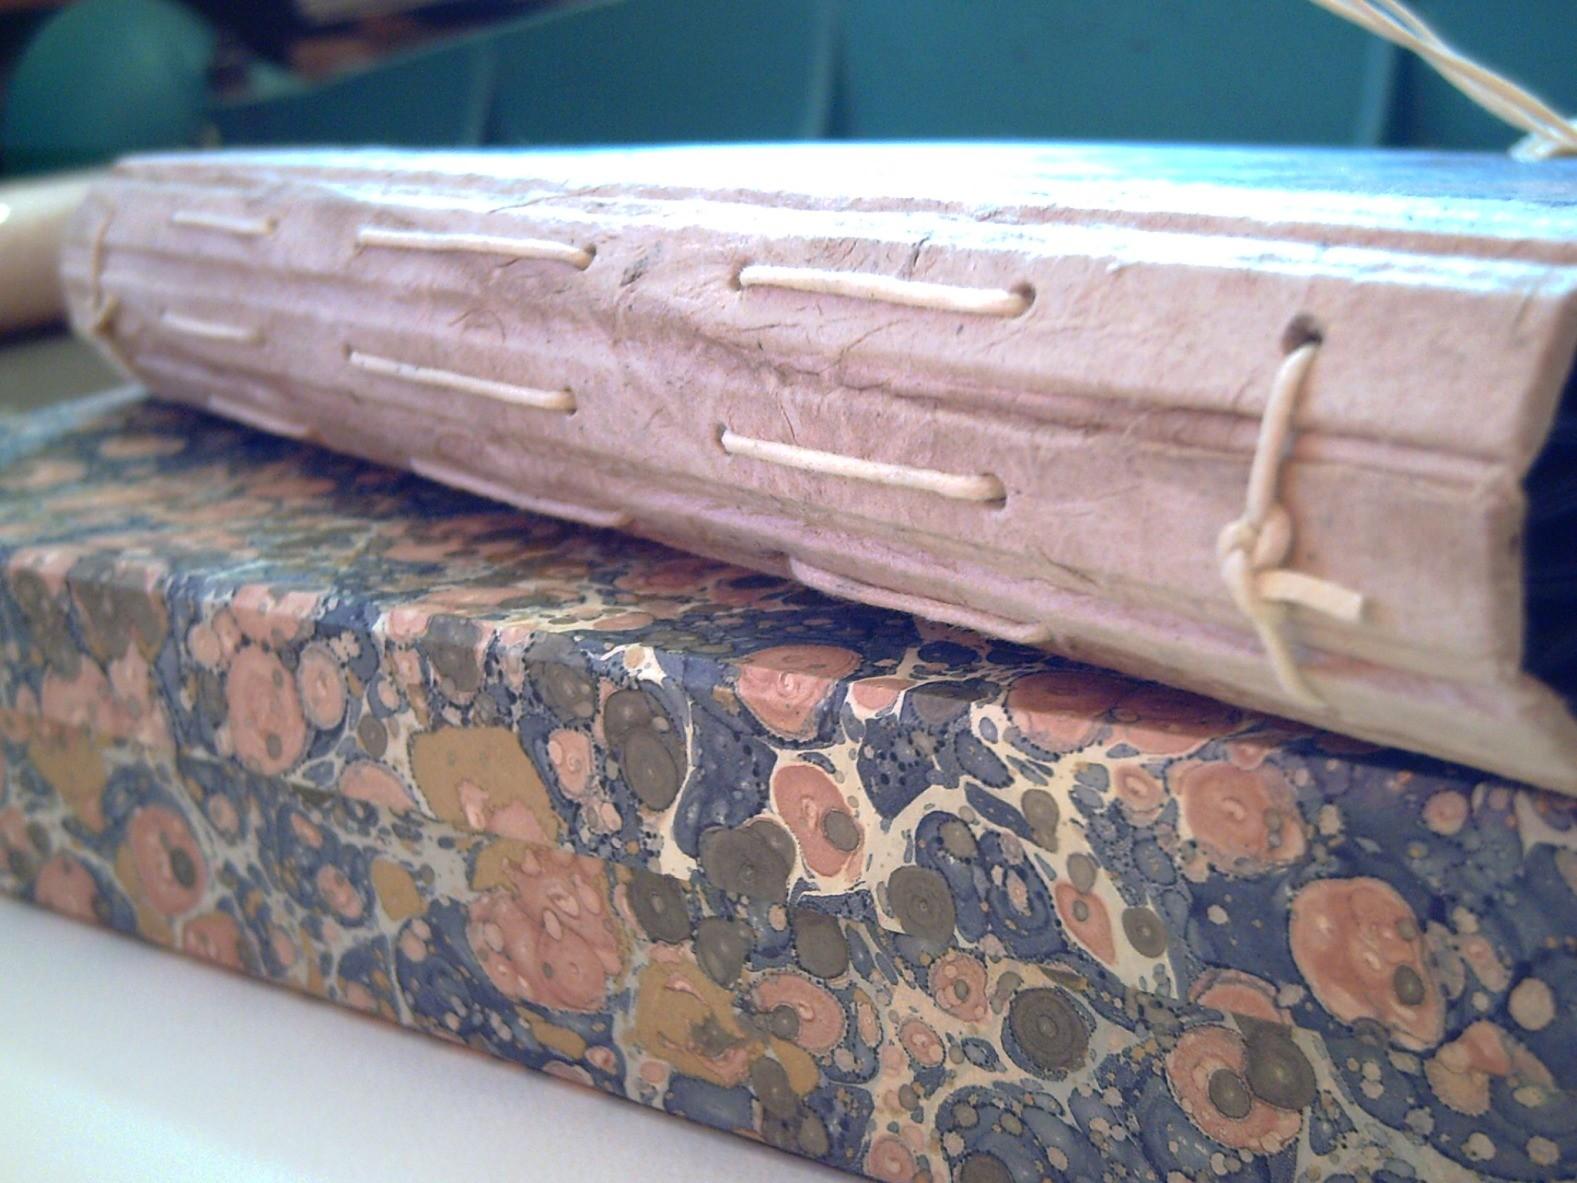 Dettaglio del dorso con il cordino resinato che lega i fascicoli